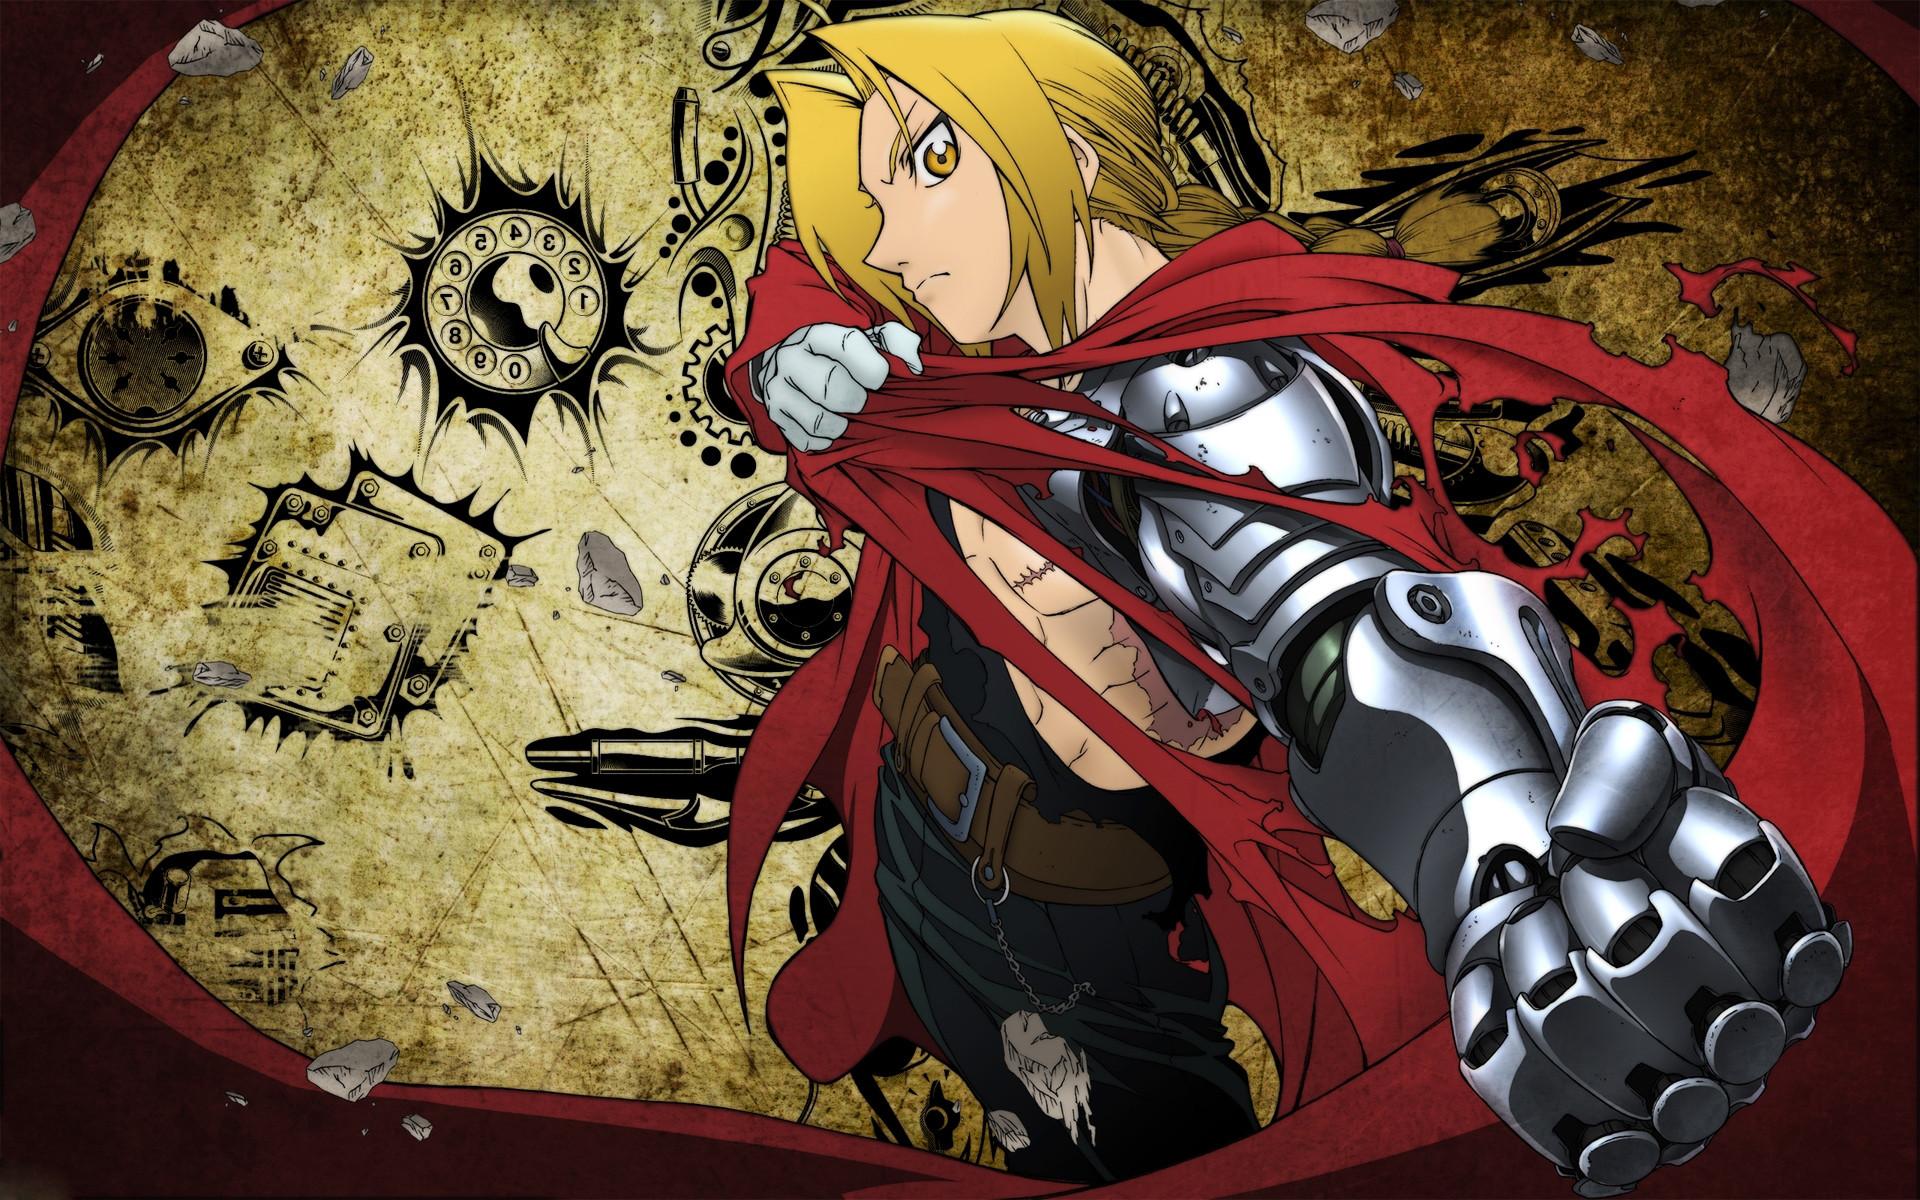 Fullmetal Alchemist Wallpapers HD | PixelsTalk.Net